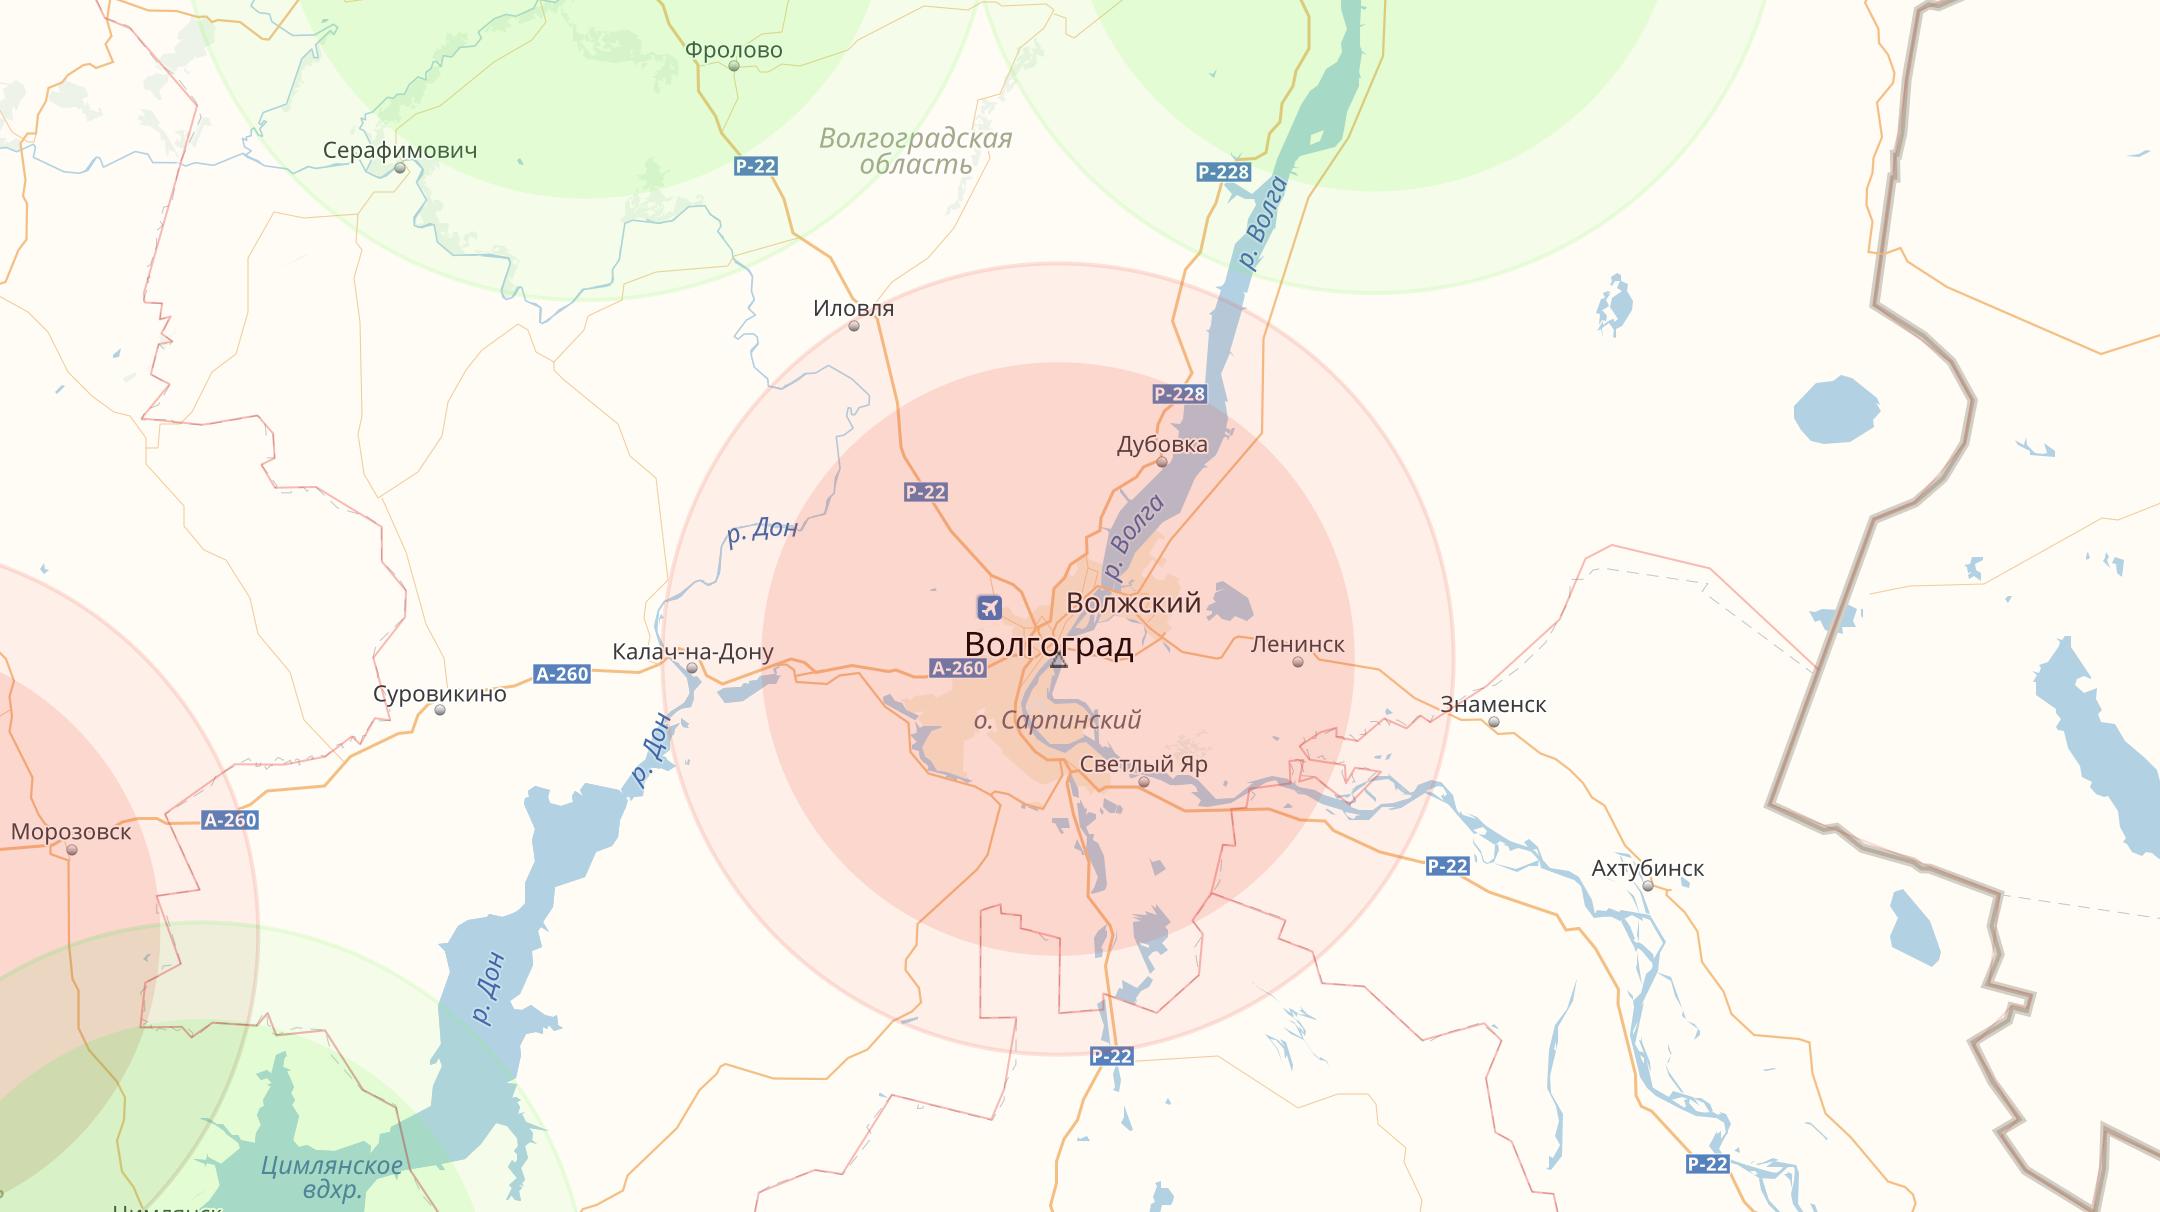 Схемы расположения базовых станций в